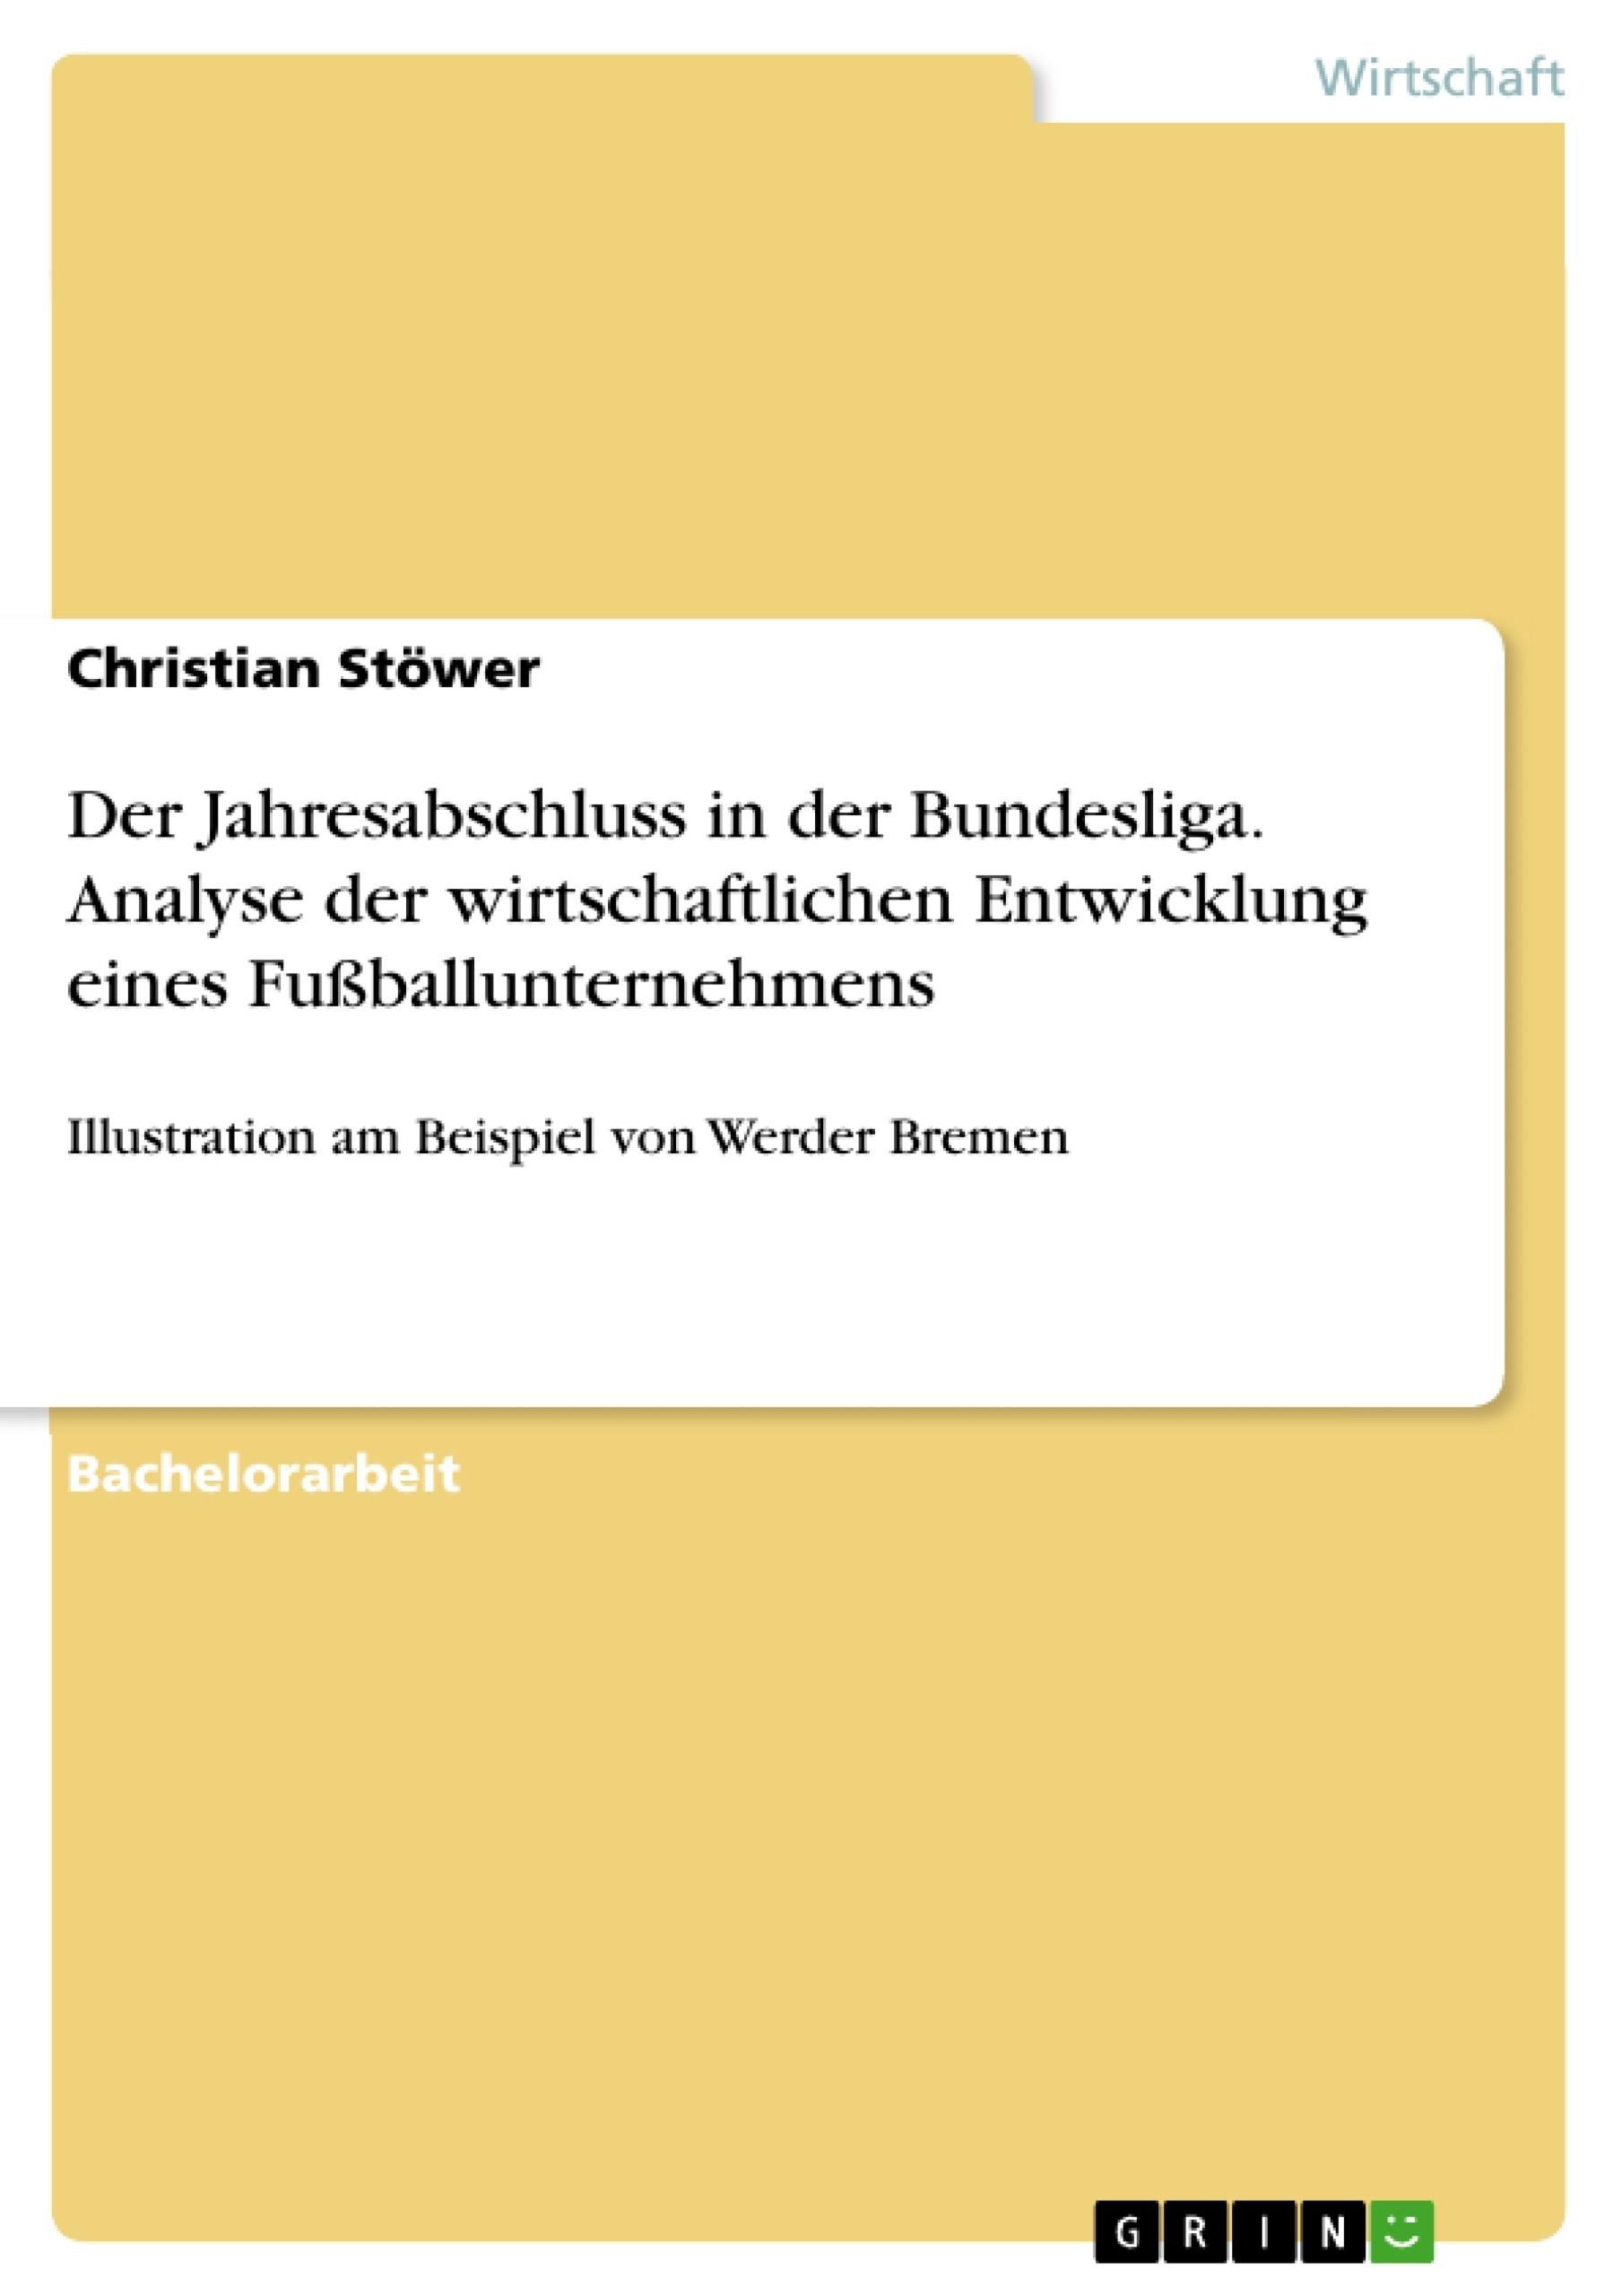 Titel: Der Jahresabschluss in der Bundesliga. Analyse der wirtschaftlichen Entwicklung eines Fußballunternehmens